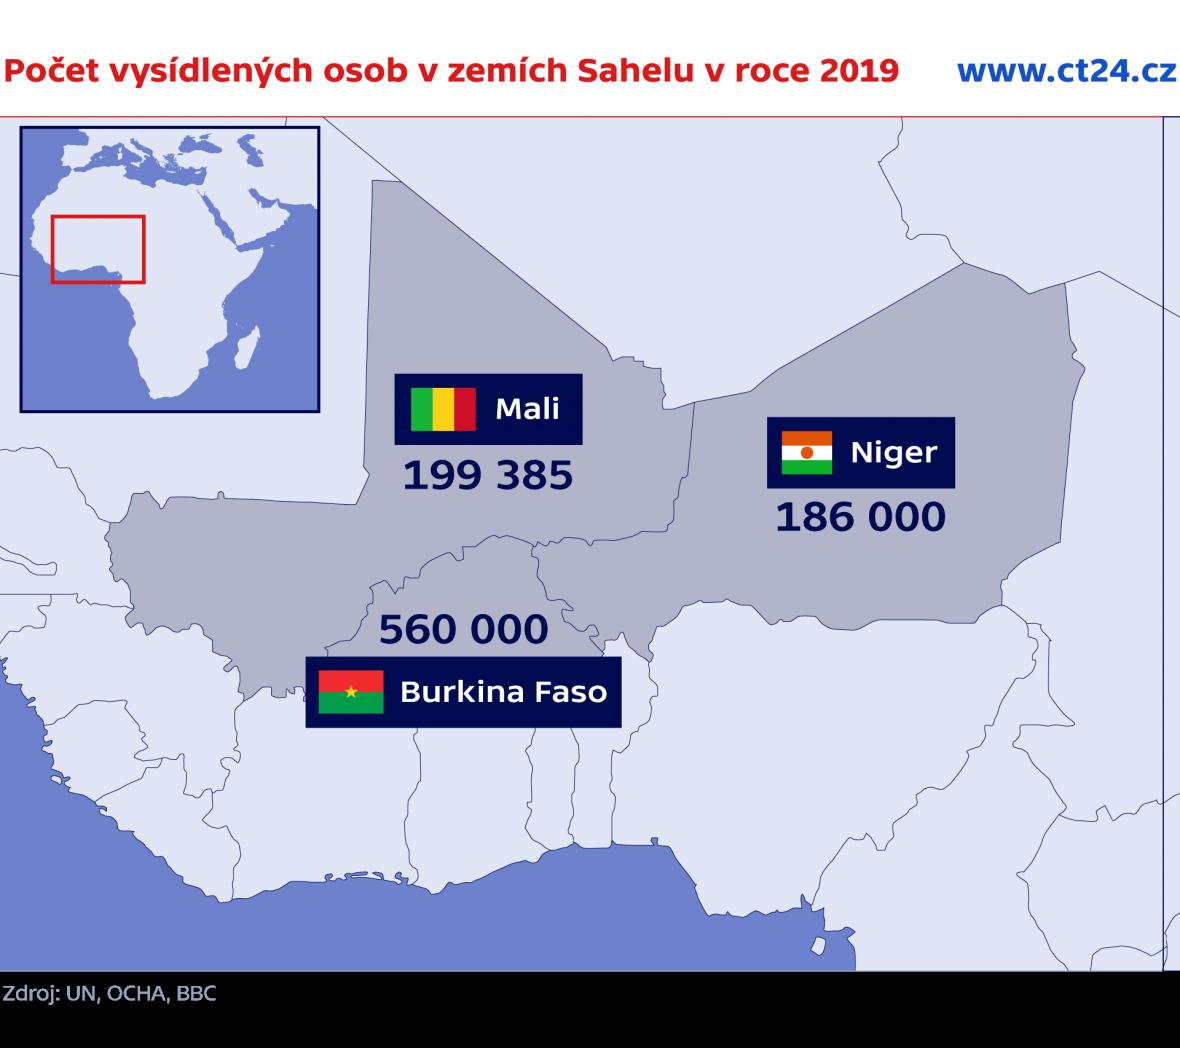 Počet vysídlených osob v zemích Sahelu v roce 2019